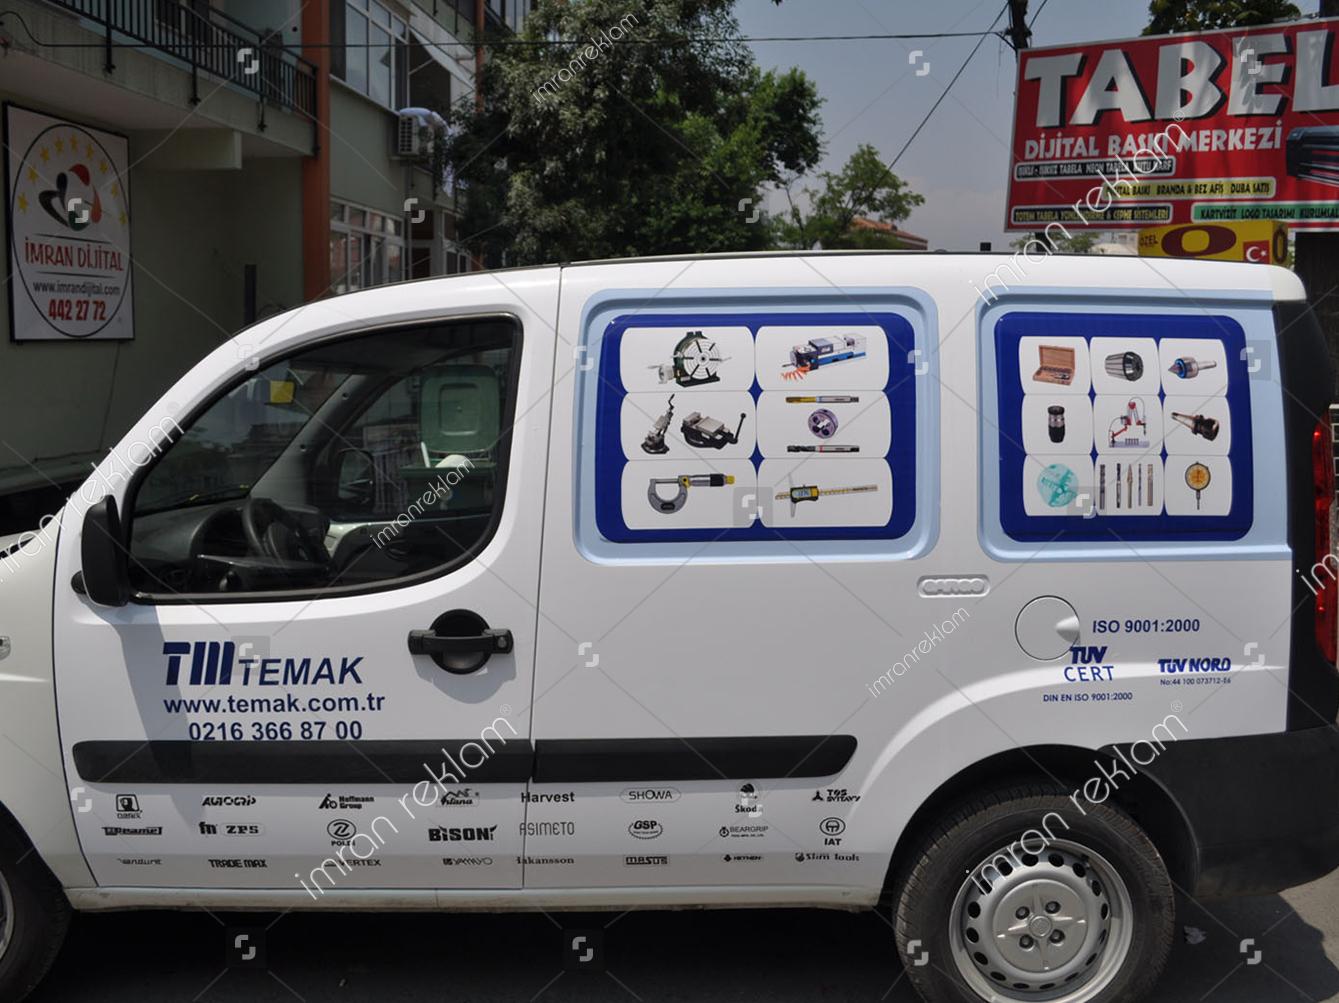 2010-doblo-arac-reklam-giydirme